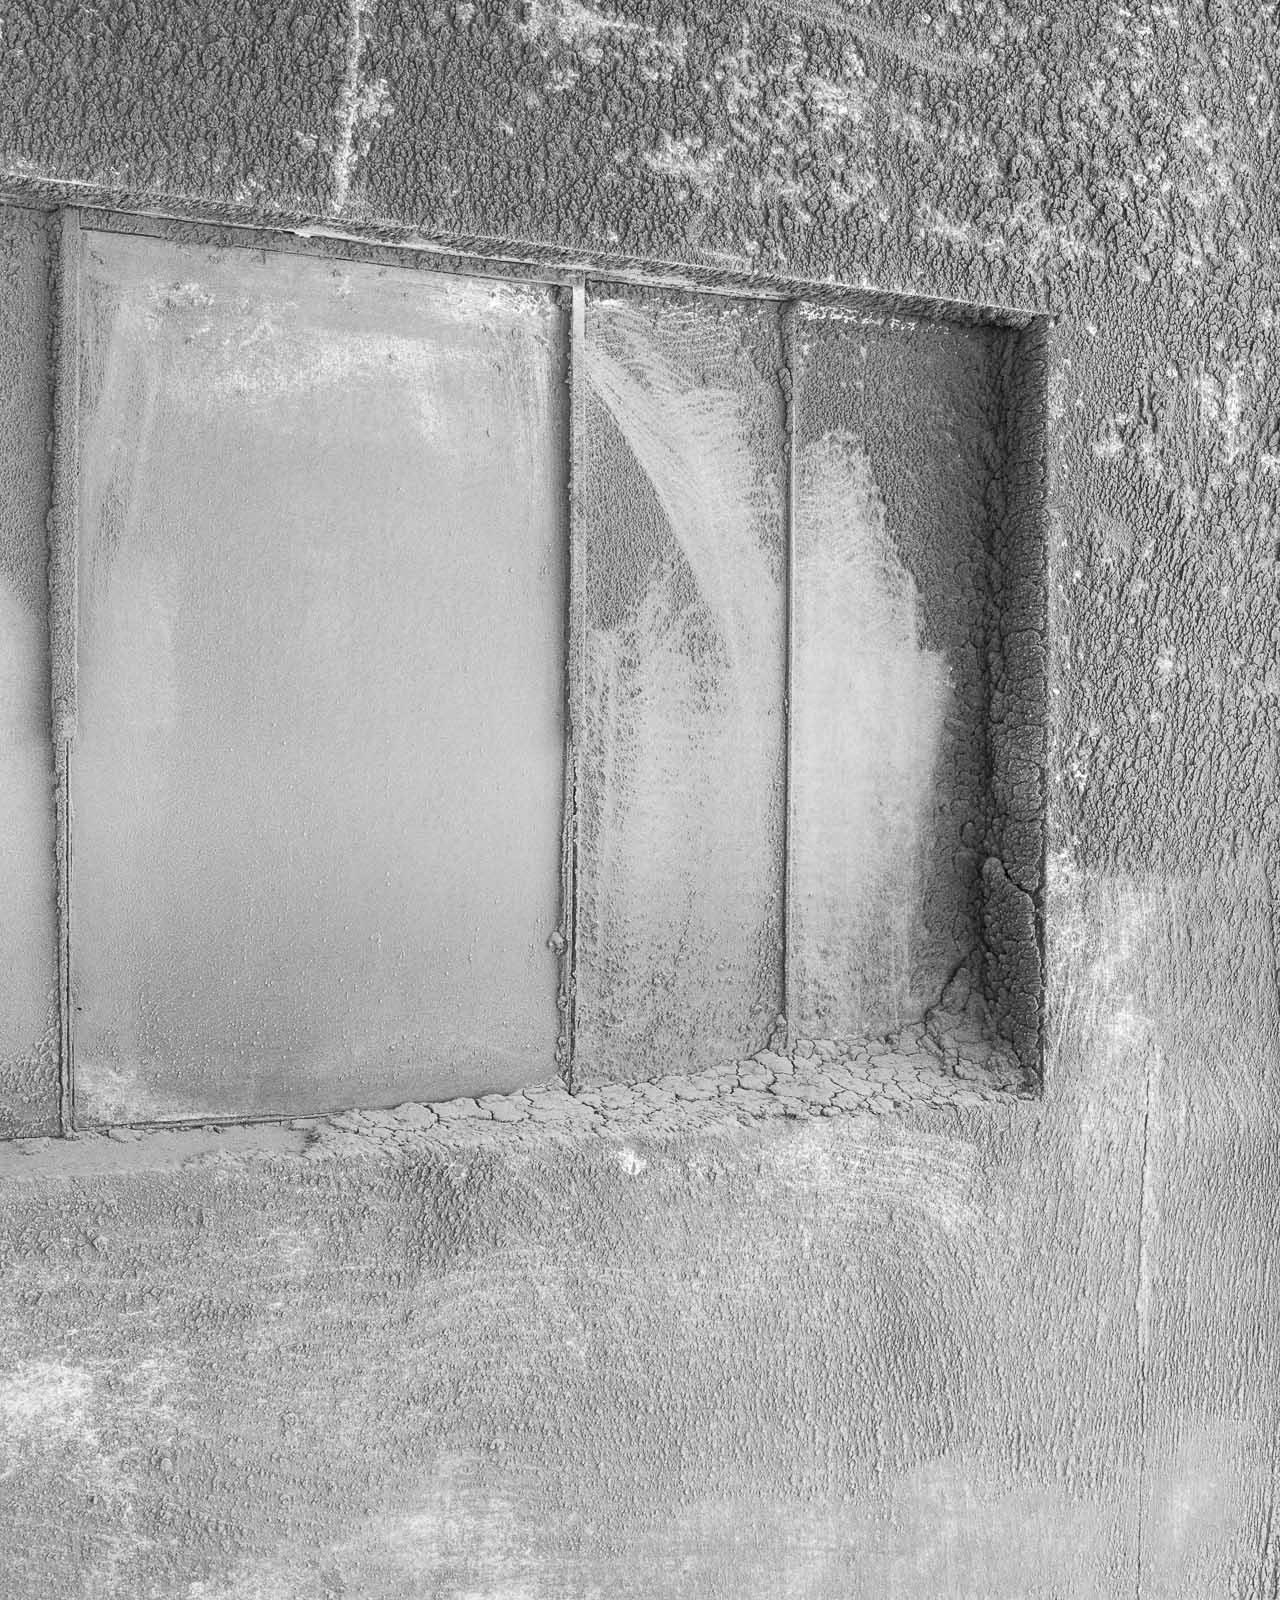 La belle coopérative construite en 1938 de Baraqueville, dans les Midi-Pyrénées. Sur le mur des lieux de chargement se sont déposées d'épaisses croutes de poussières de céréales. The beautiful cooperative built in 1938 in Baraqueville in the Midi-Pyrénées.  On the wall of the loading area were deposited thick crust of grain's dust.